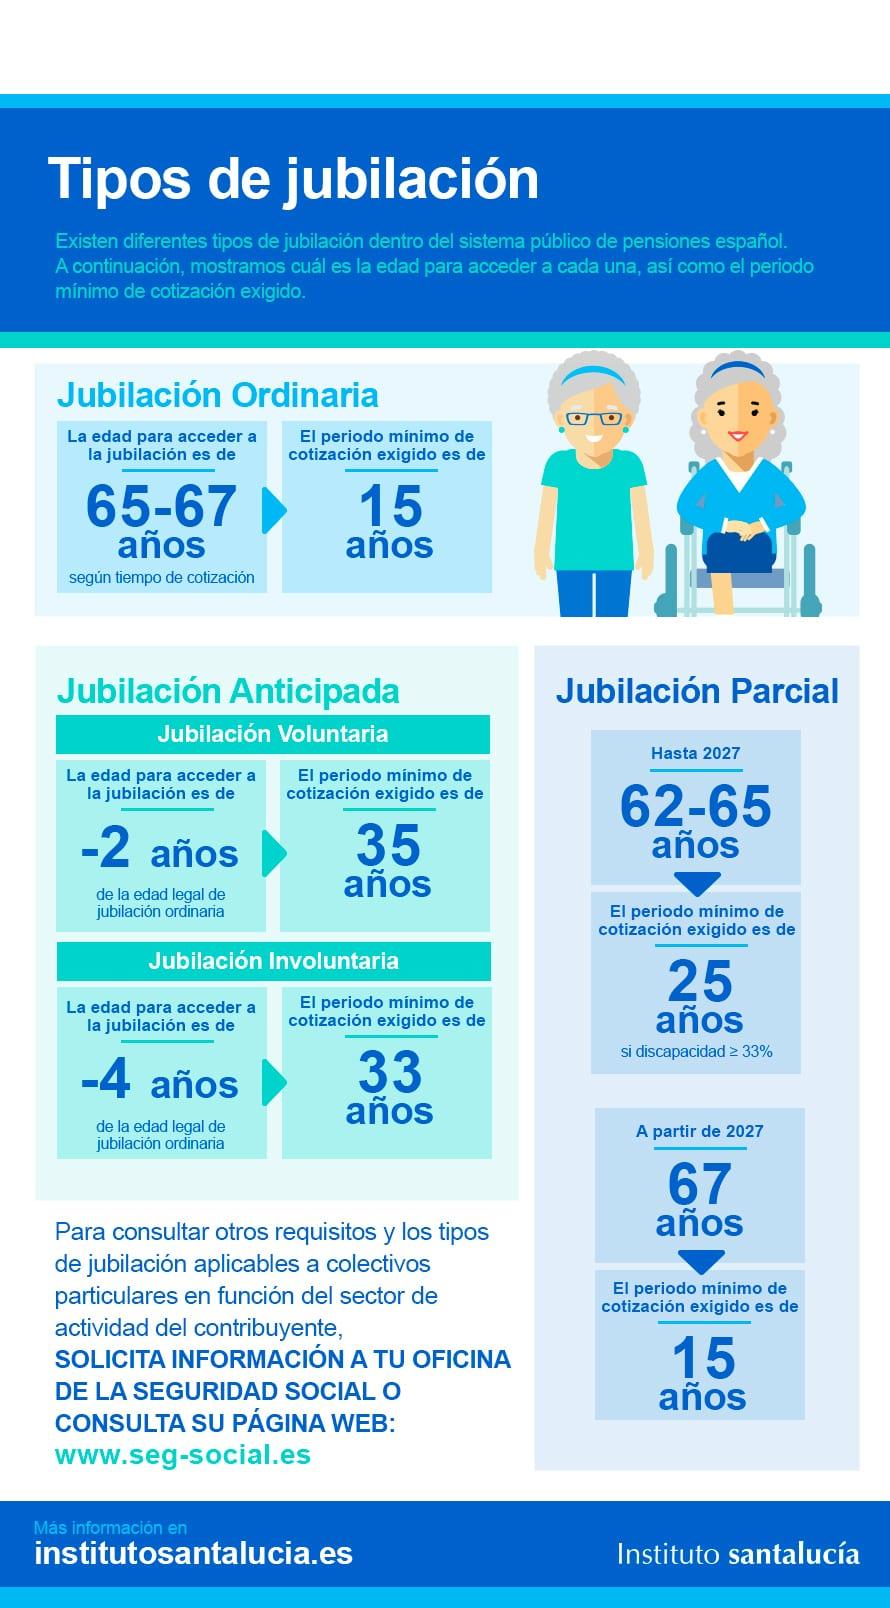 Inforgrafía Tipos de Jubilación en el Sistema Público de Pensiones